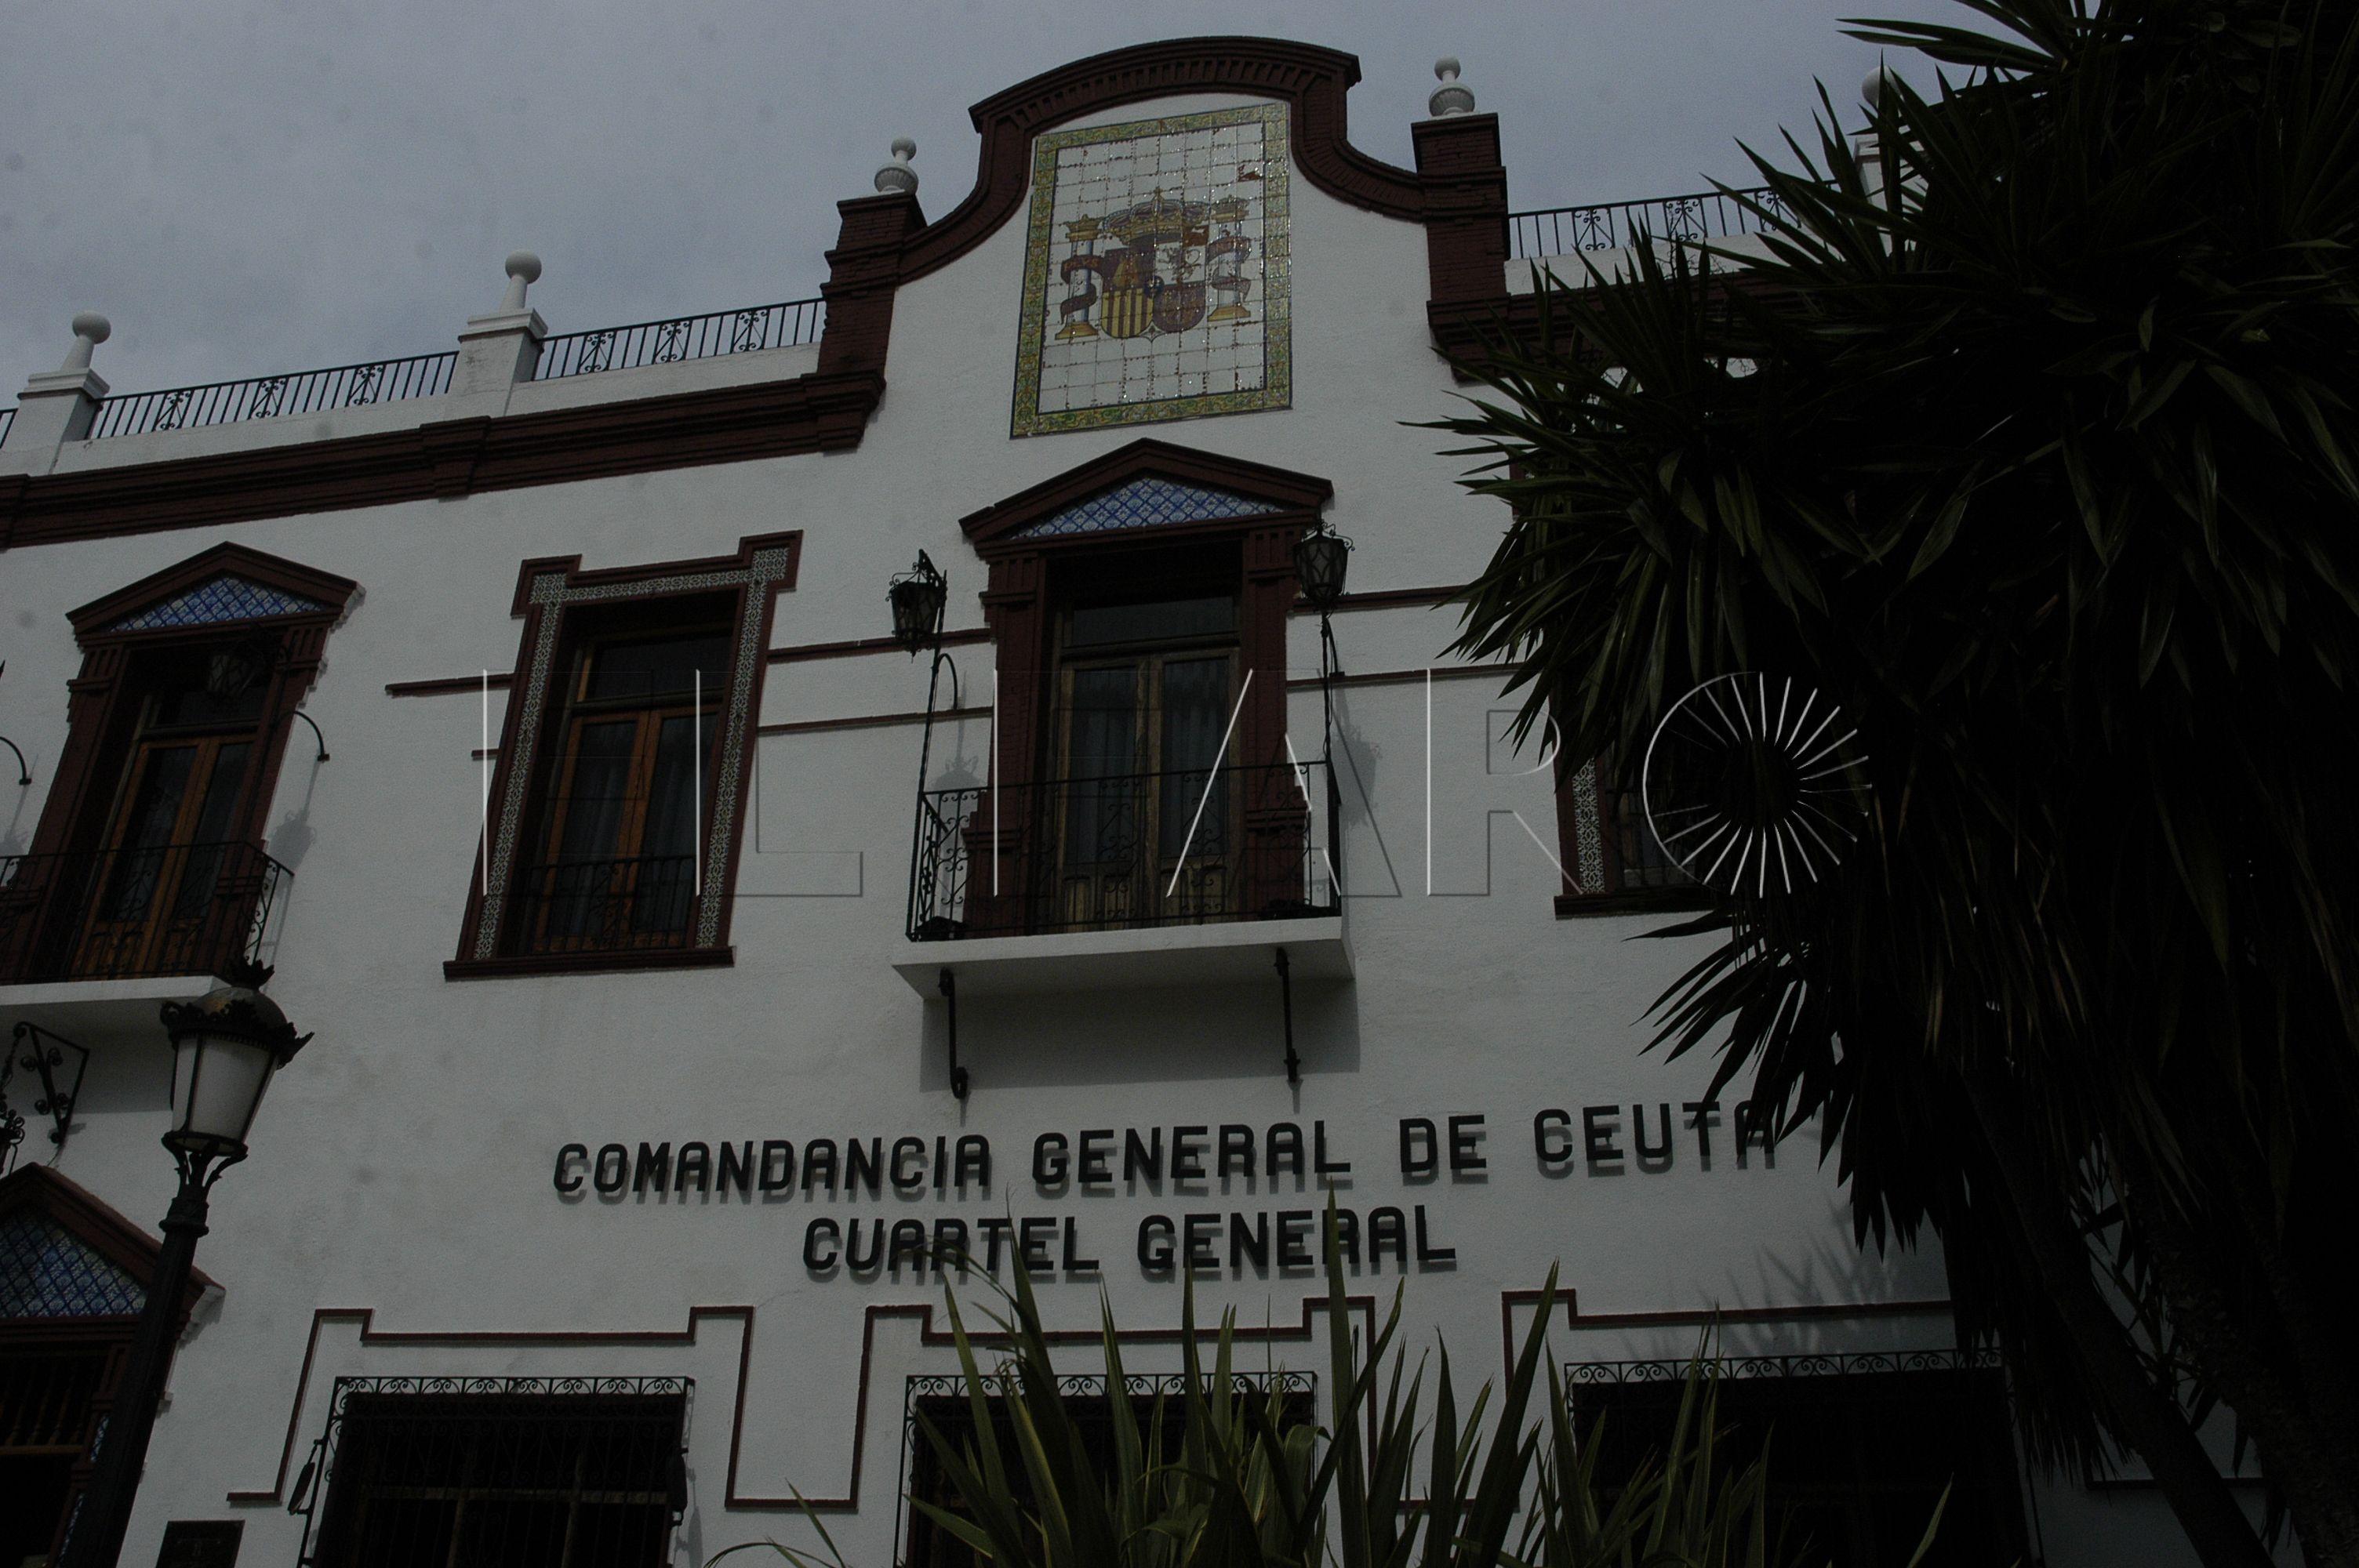 El teniente general jefe de la Fuerza Terrestre visita Ceuta este jueves